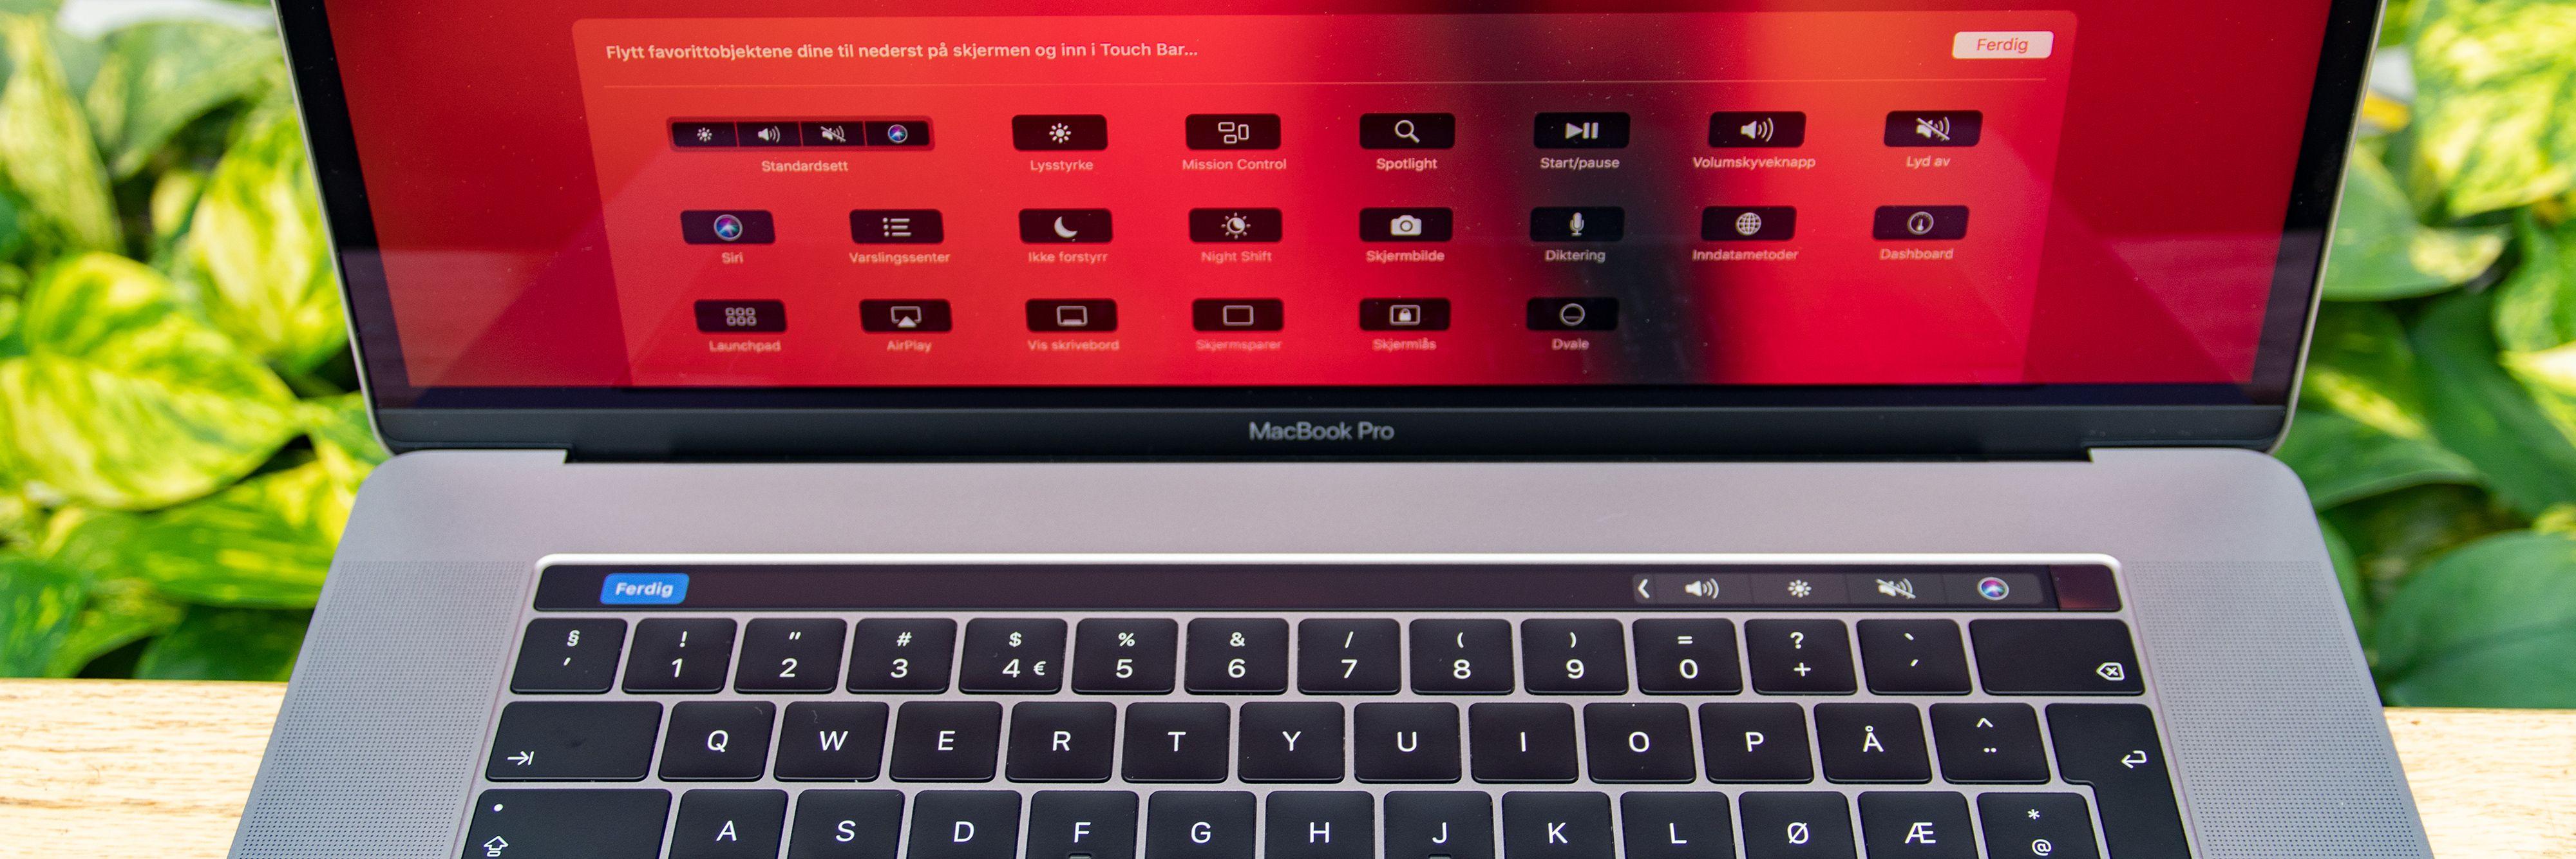 Du kan legge dine mest brukte snarveiene på Touch Bar.